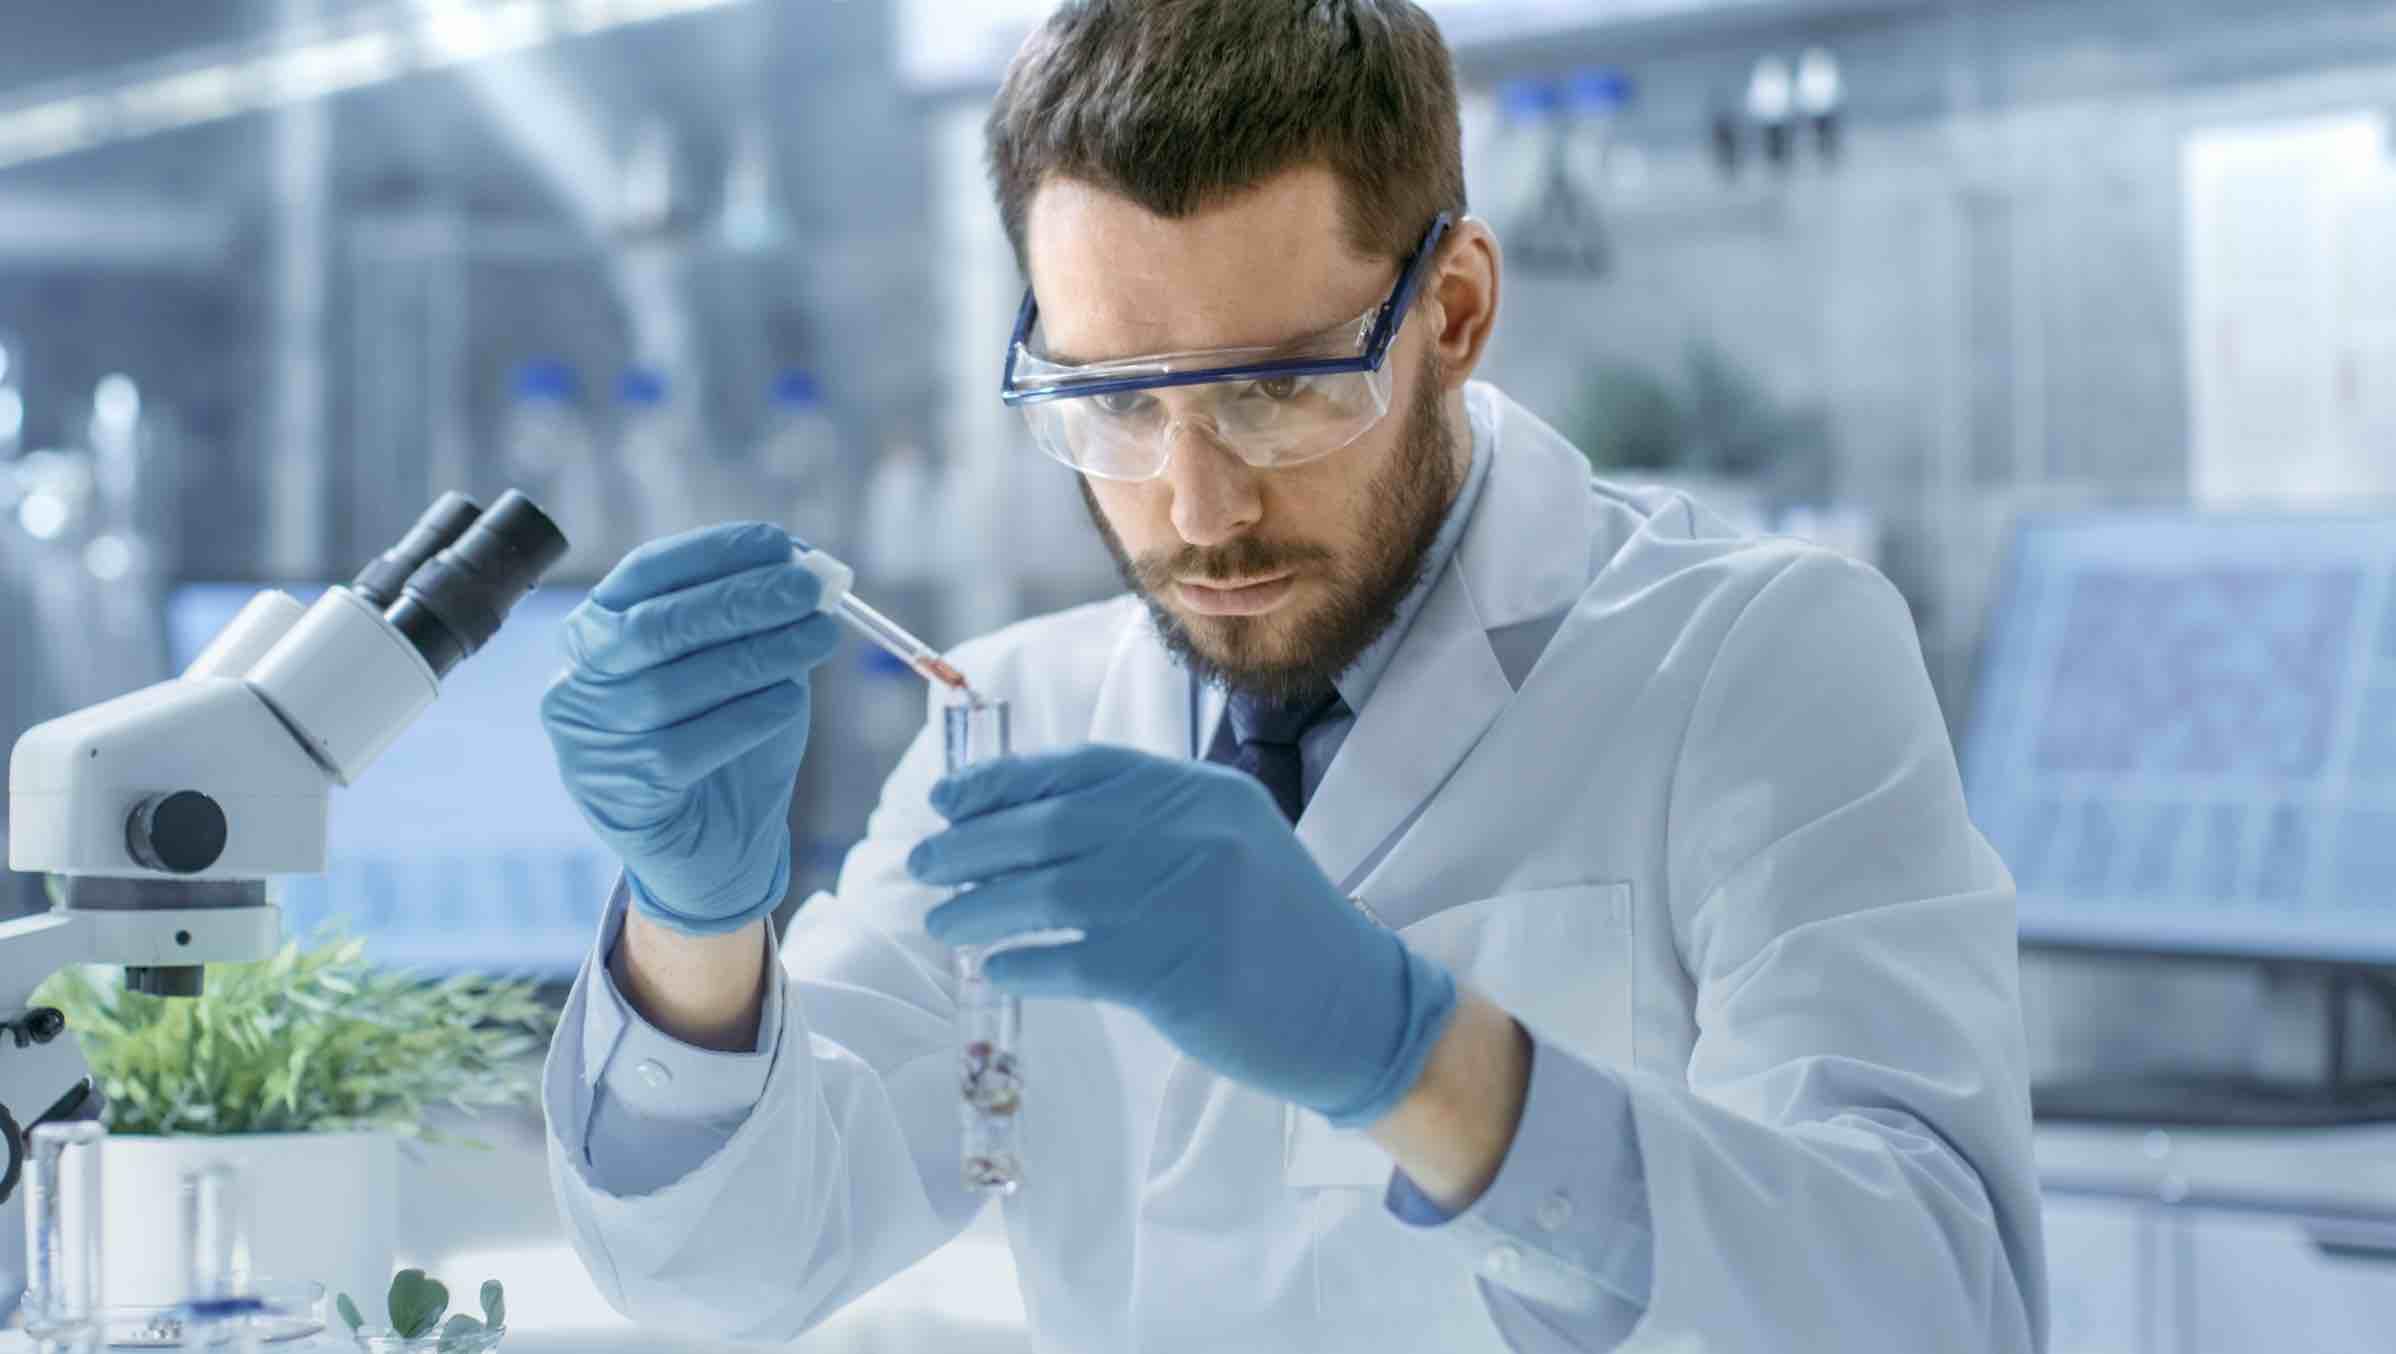 Avance ortodoncia con el test genético bacteriológico